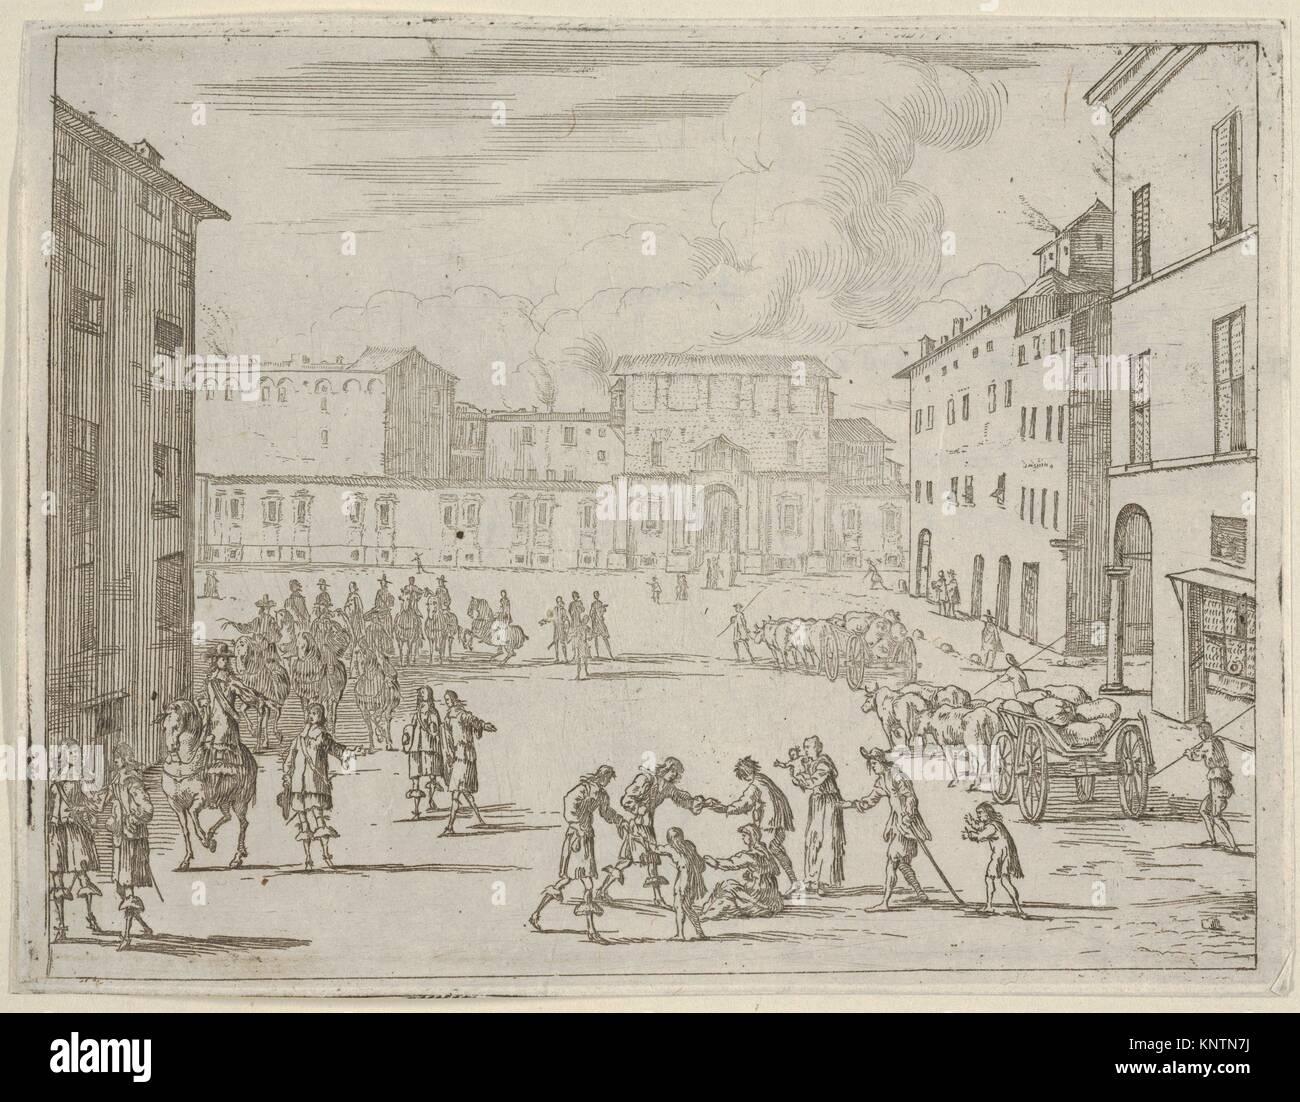 Francesco I d'während der großen Hungersnot von 1648 und 1649 Este unterstützt seine Untertanen Stockbild